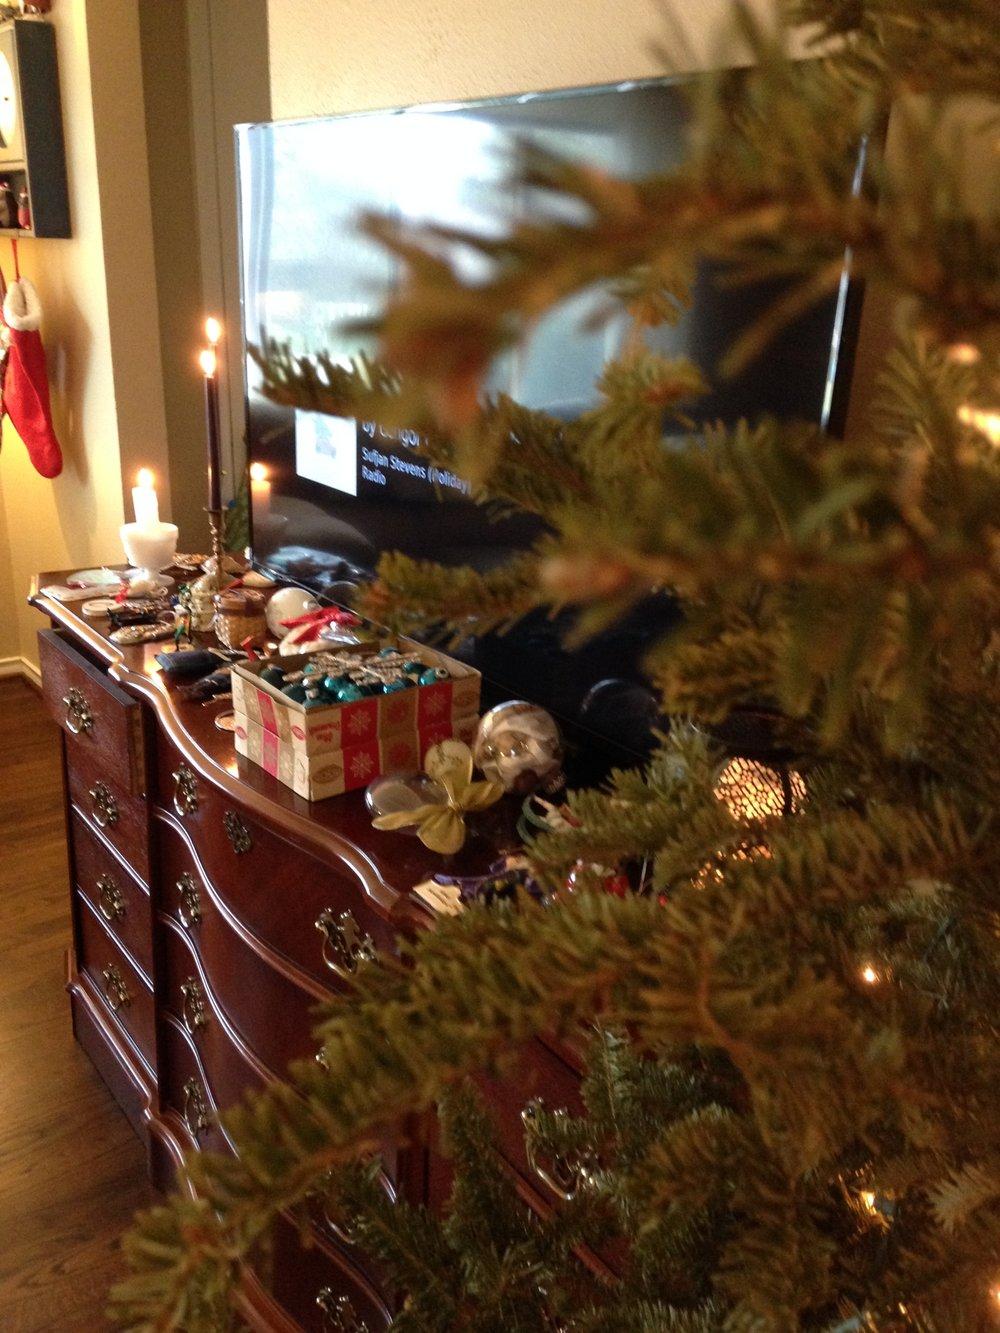 How We'll Christmas the 12 Days Through - For the Birds - by Leanna Coyle-Carr